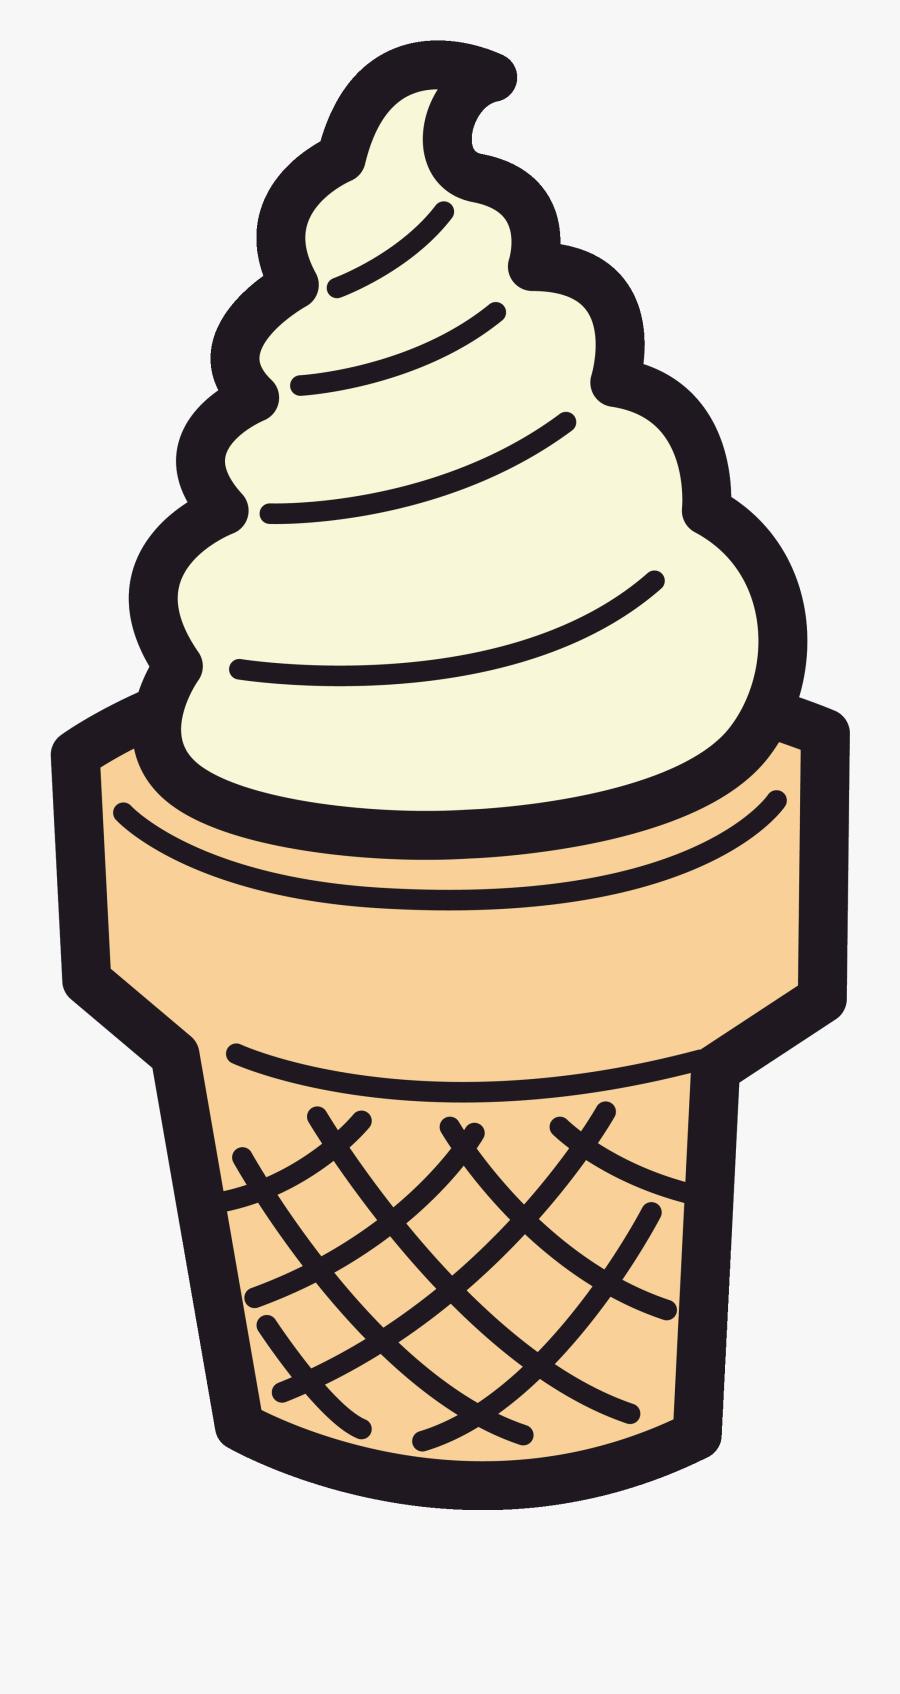 Ice Cream Cone Clipart Sundae Clipart Cartoon Pencil - Small Medium Large Circles, Transparent Clipart